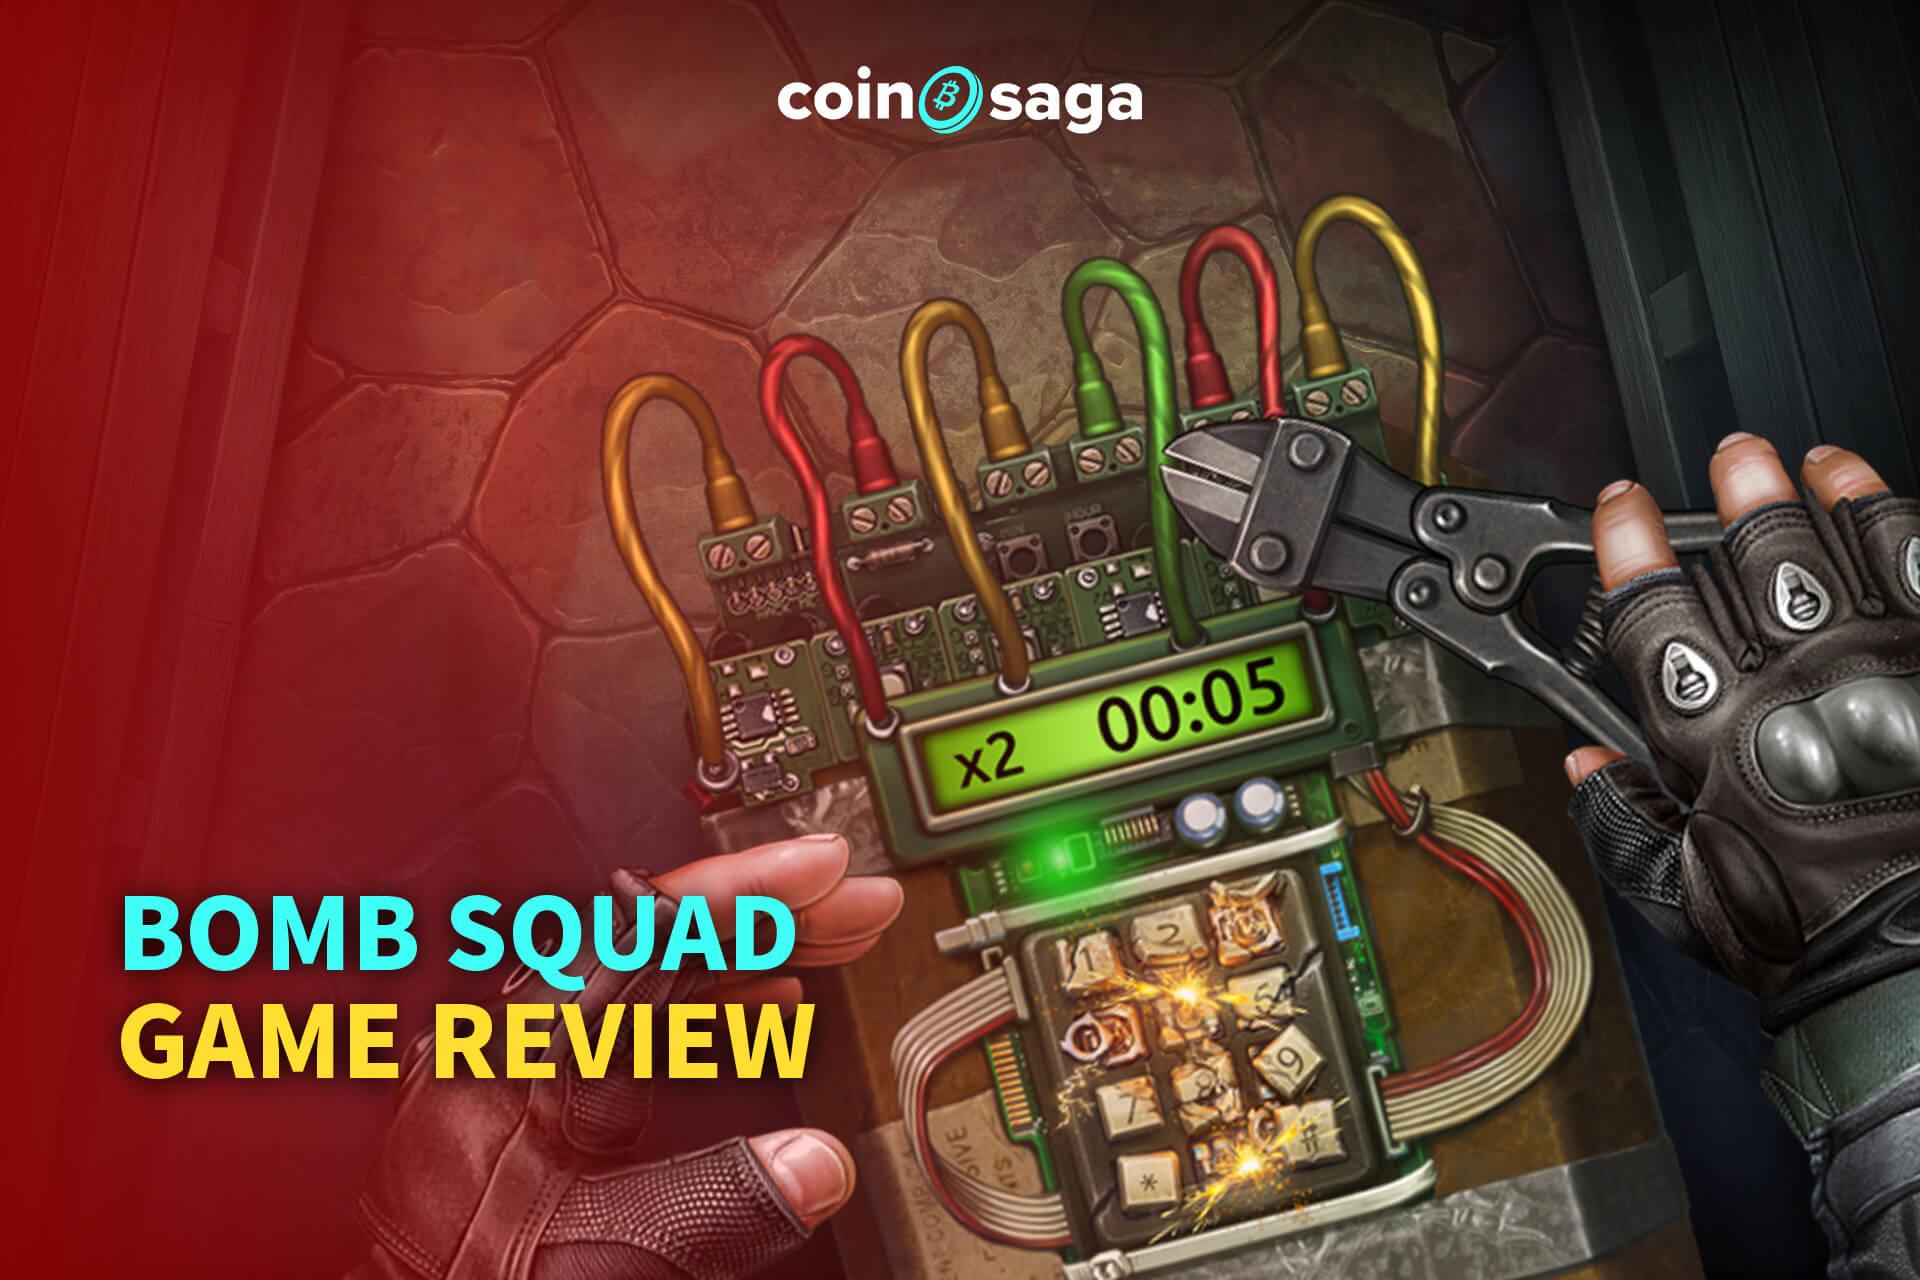 Bomb Squad Casino Game